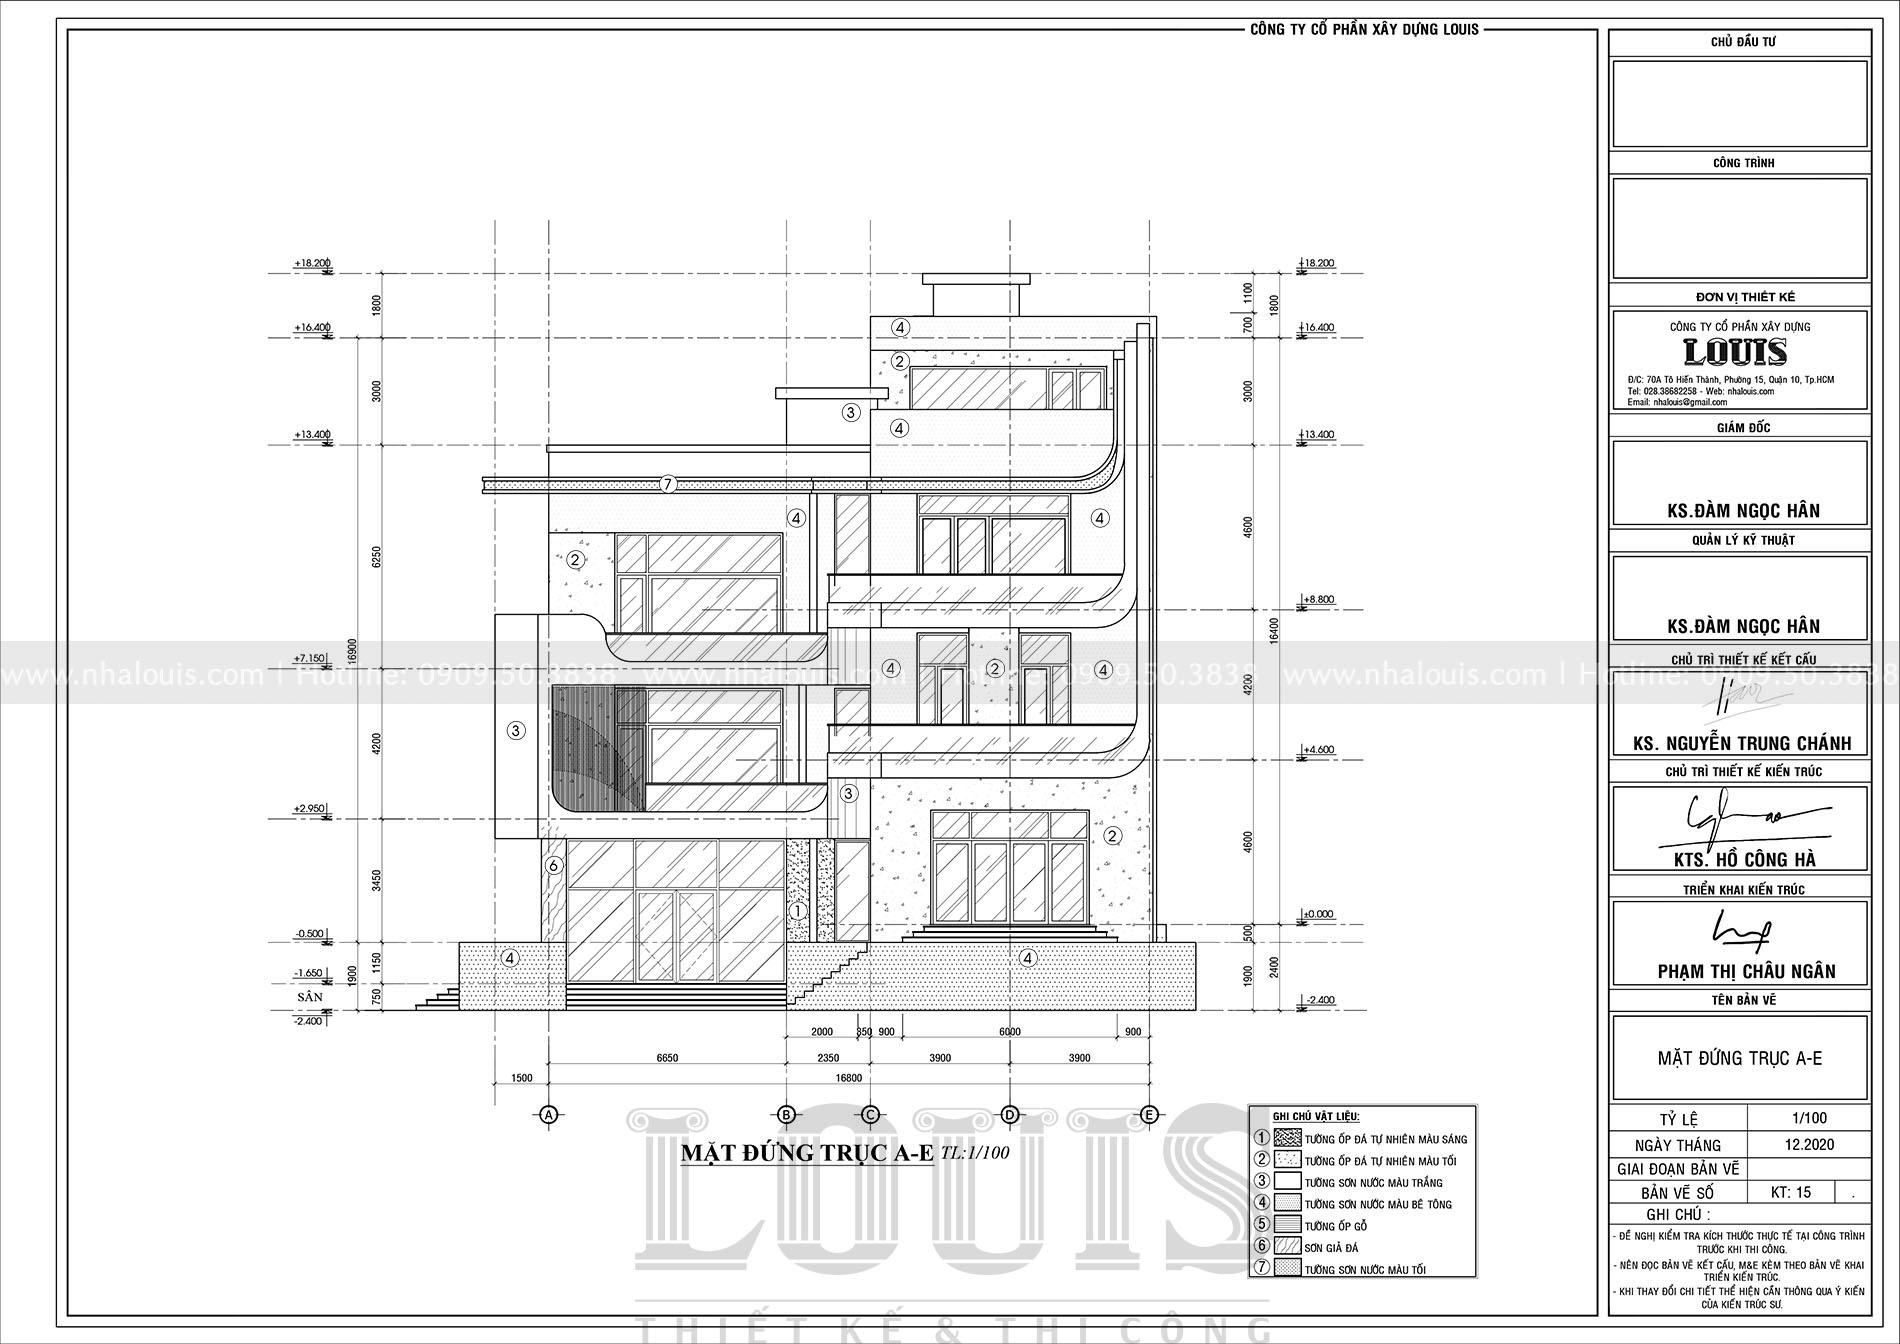 thiết kế biệt thự hiện đại 3 tầng đẹp sang trọng tại Nha Trang